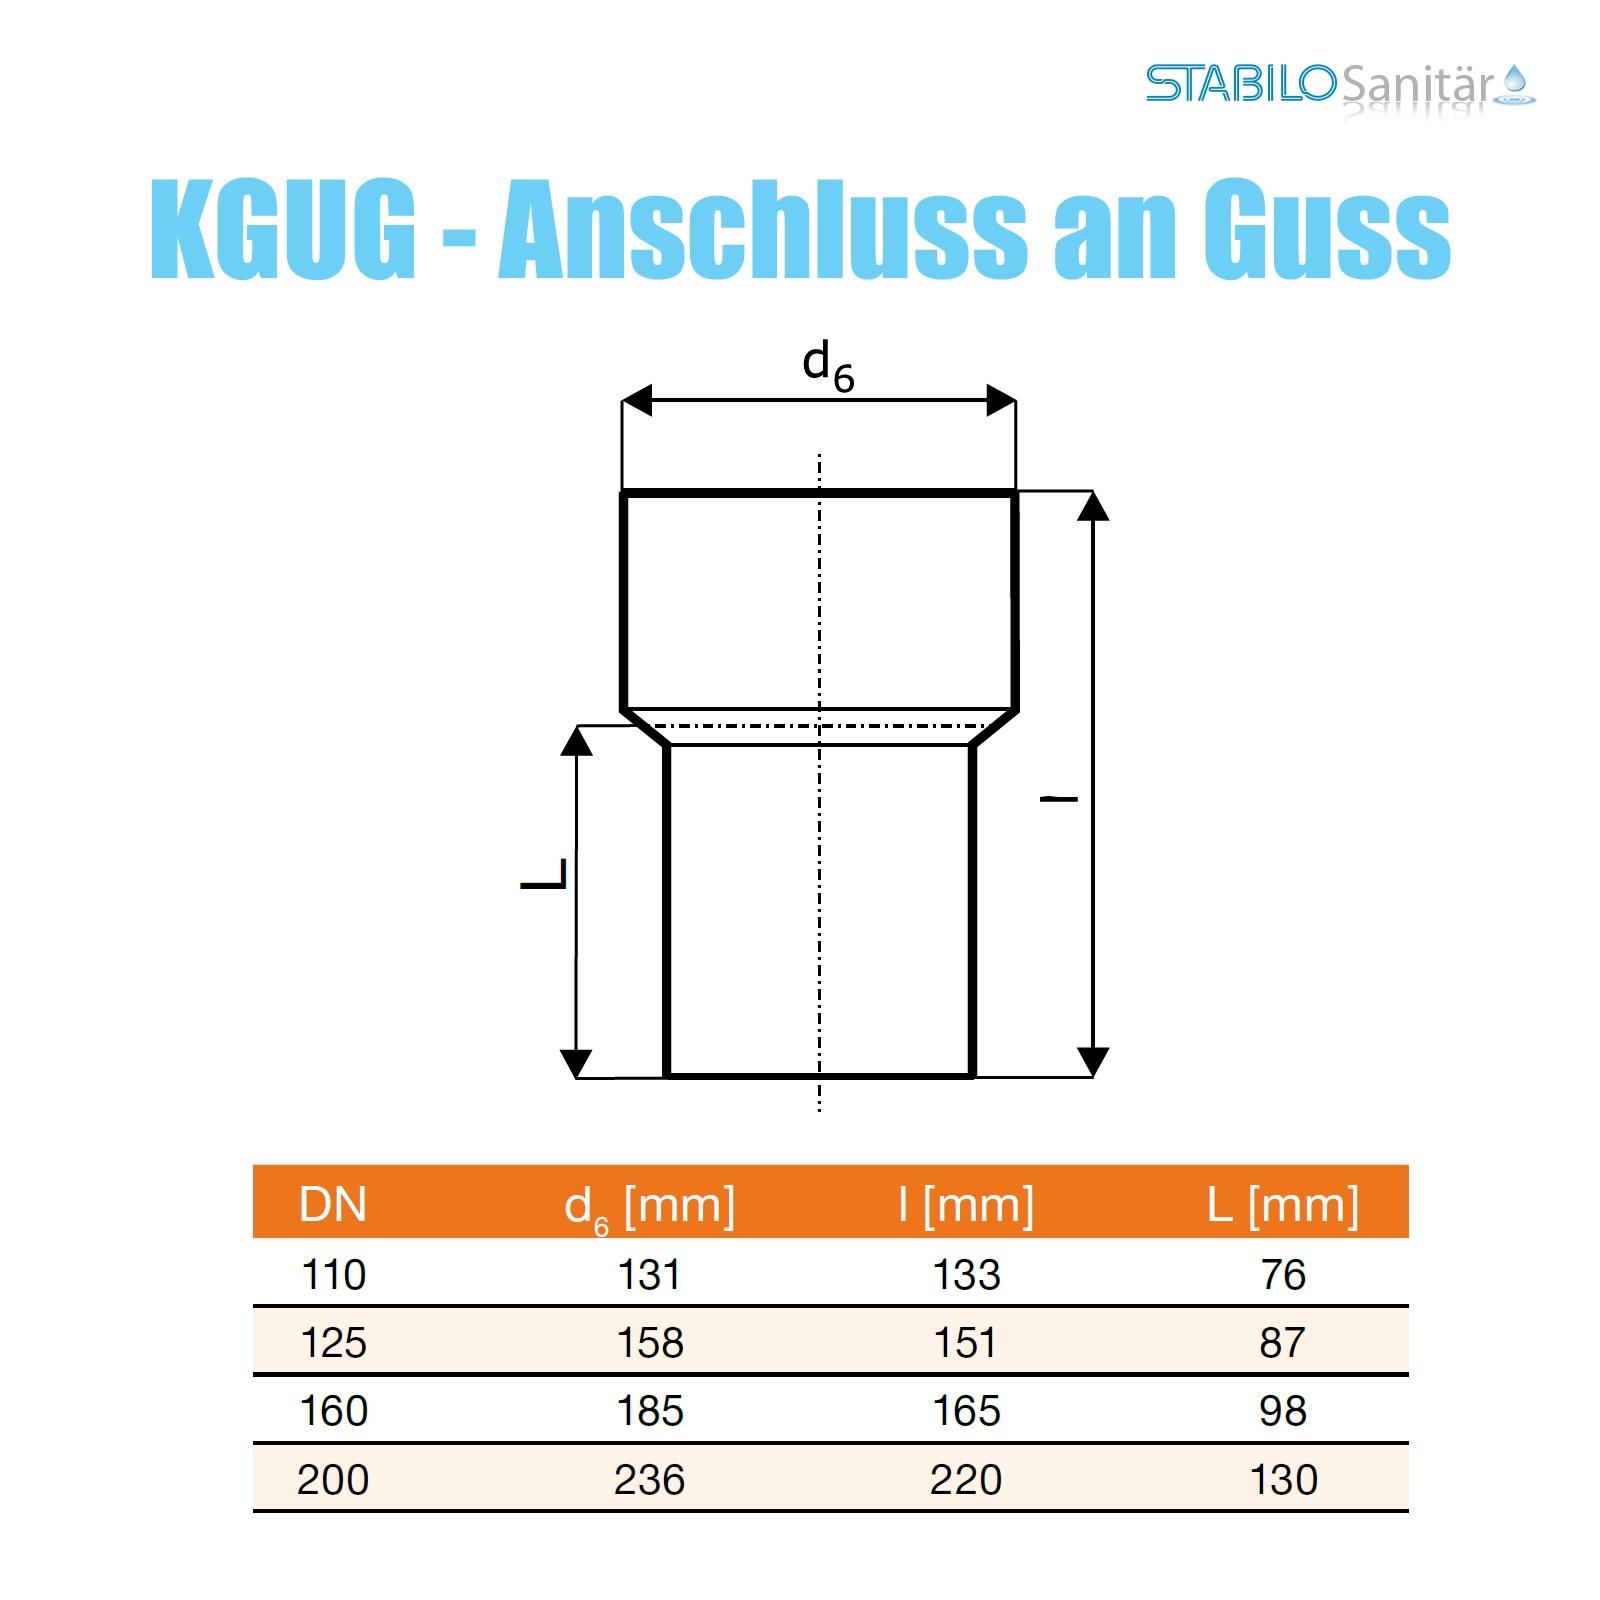 Kg anschluss dn110 gussrohr spitzende 100 mm kgug abwasserrohr - Kunststoffrohre durchmesser tabelle ...